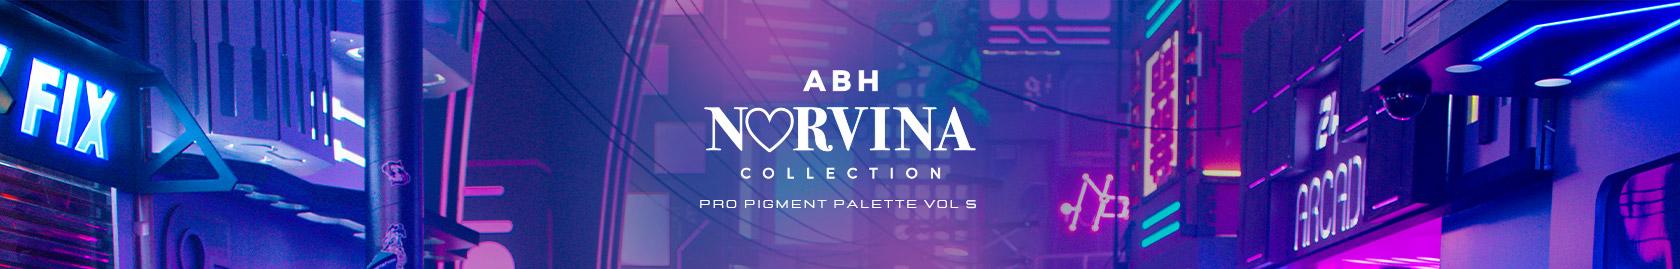 Norvina Collection - Pro Pigment Palette Vol. 5